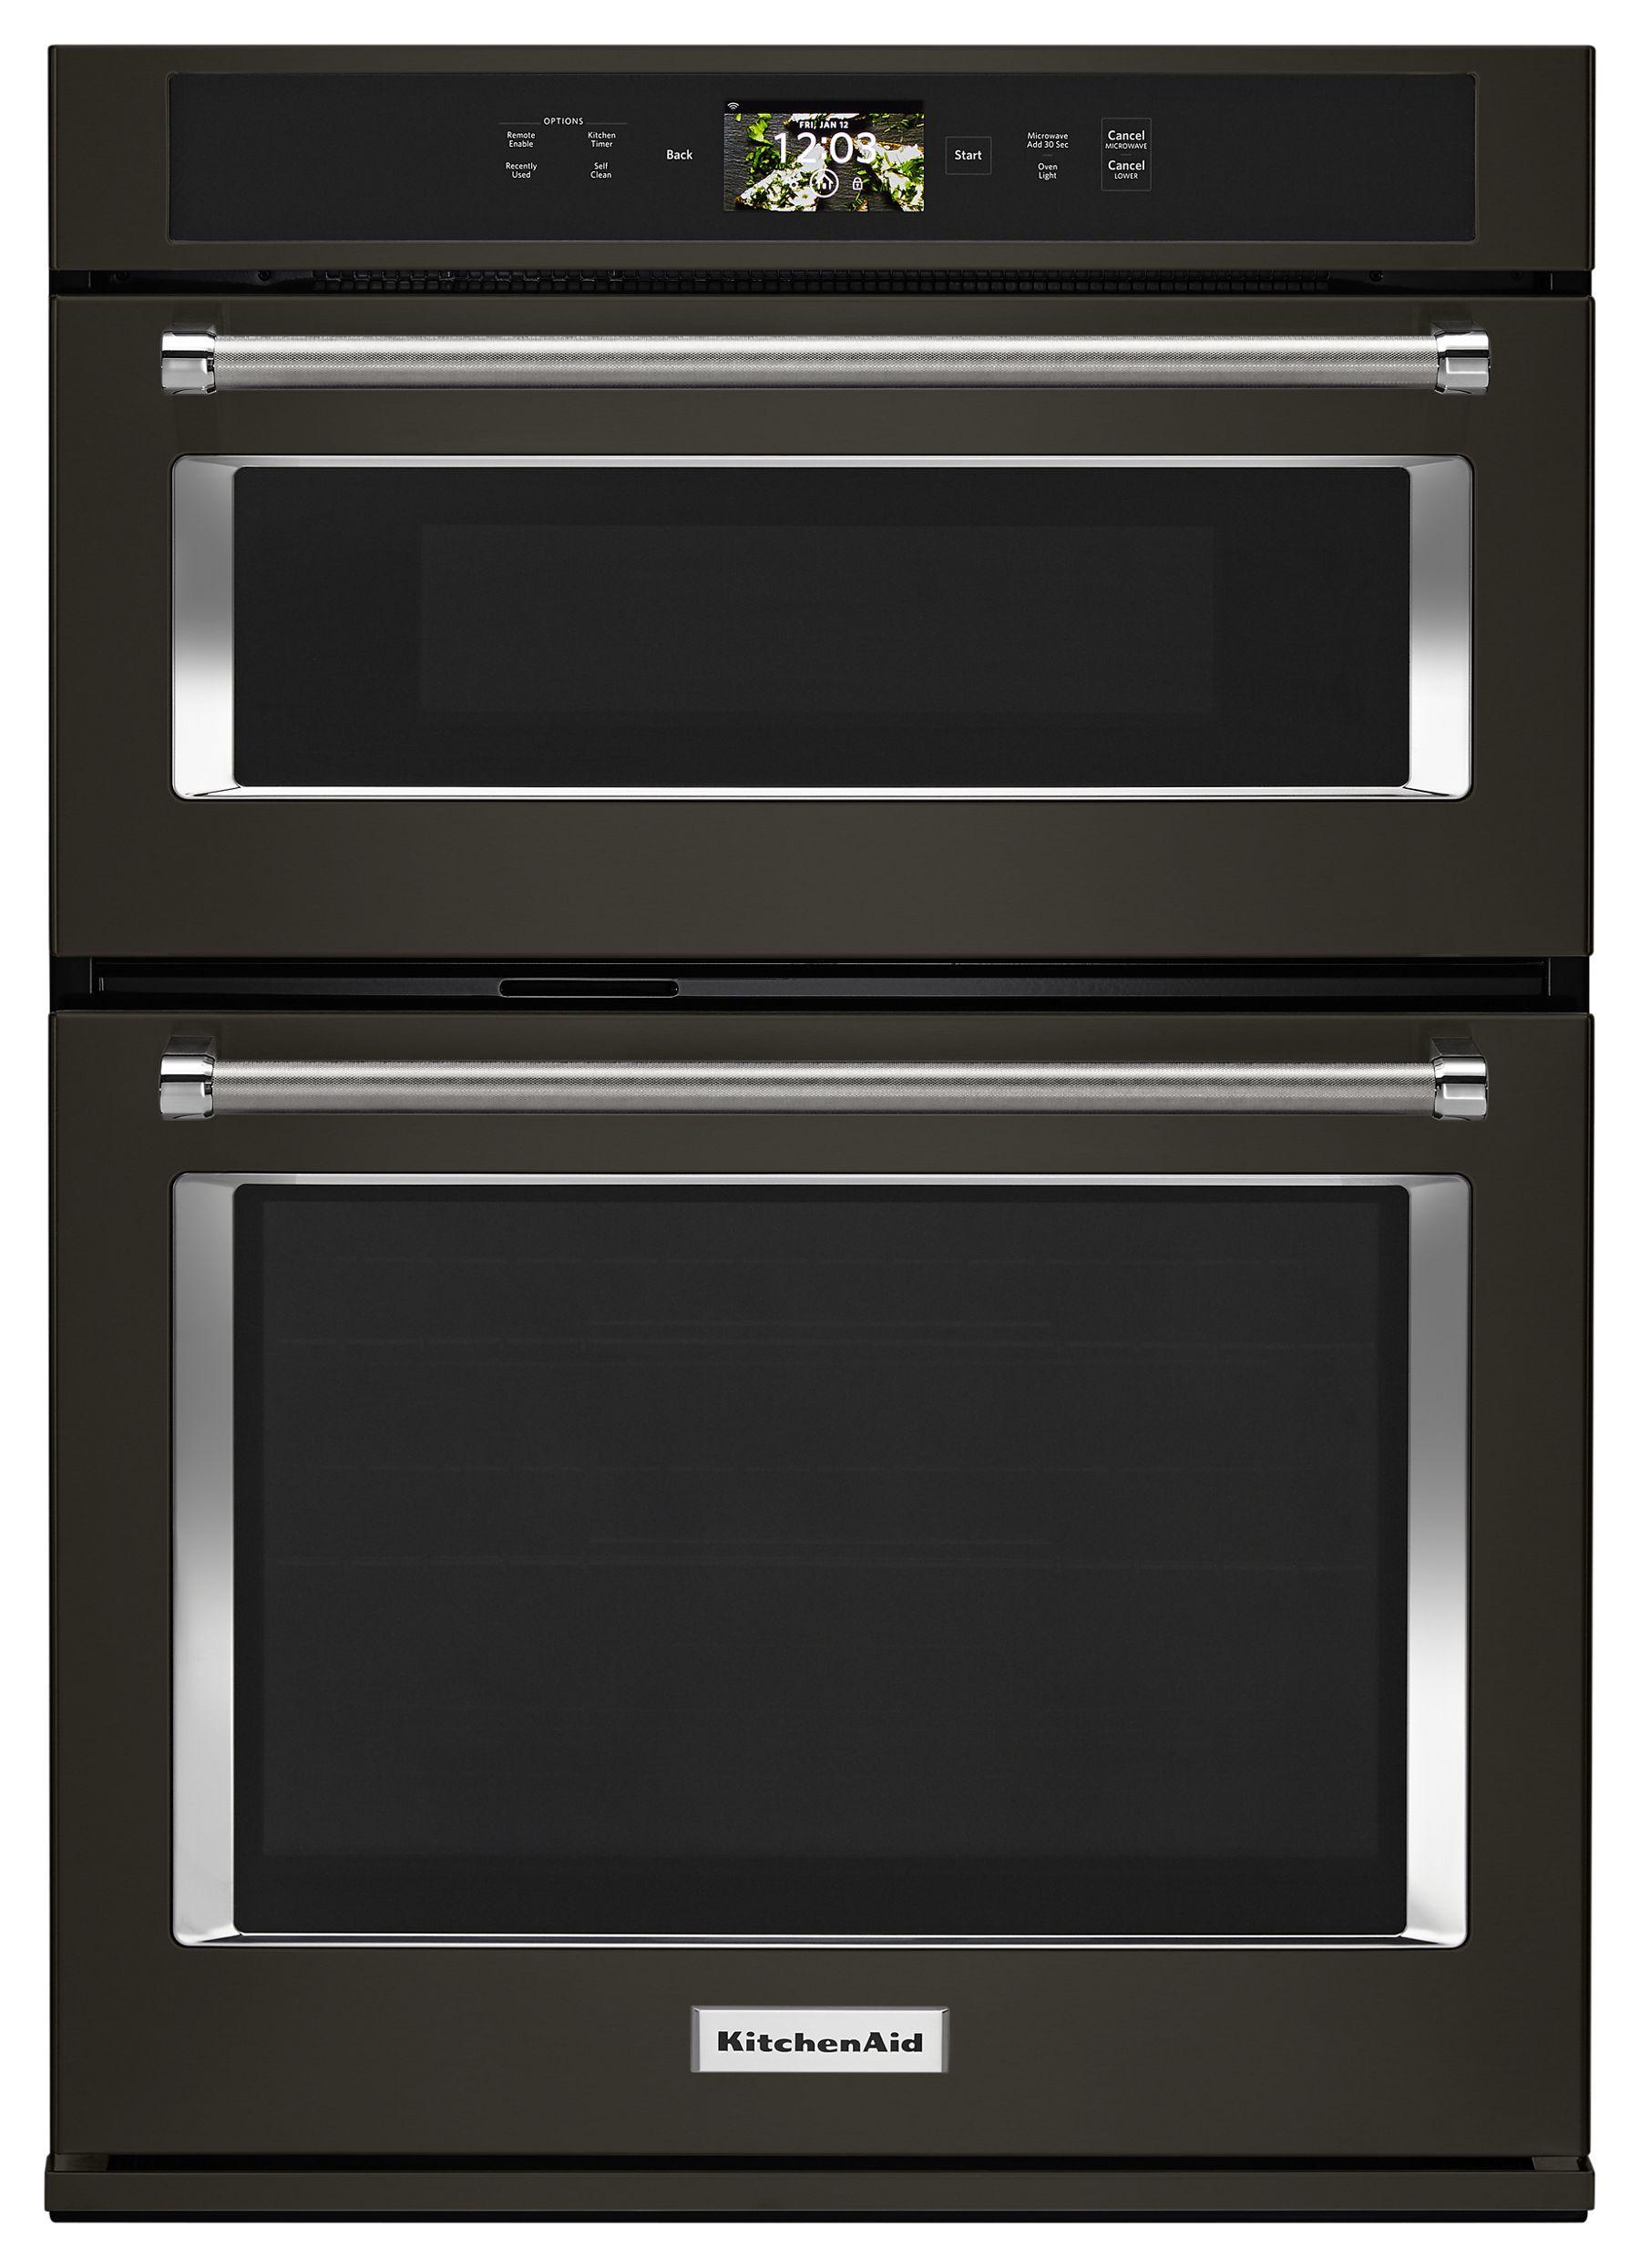 KitchenAid Microwave Combo Ovens